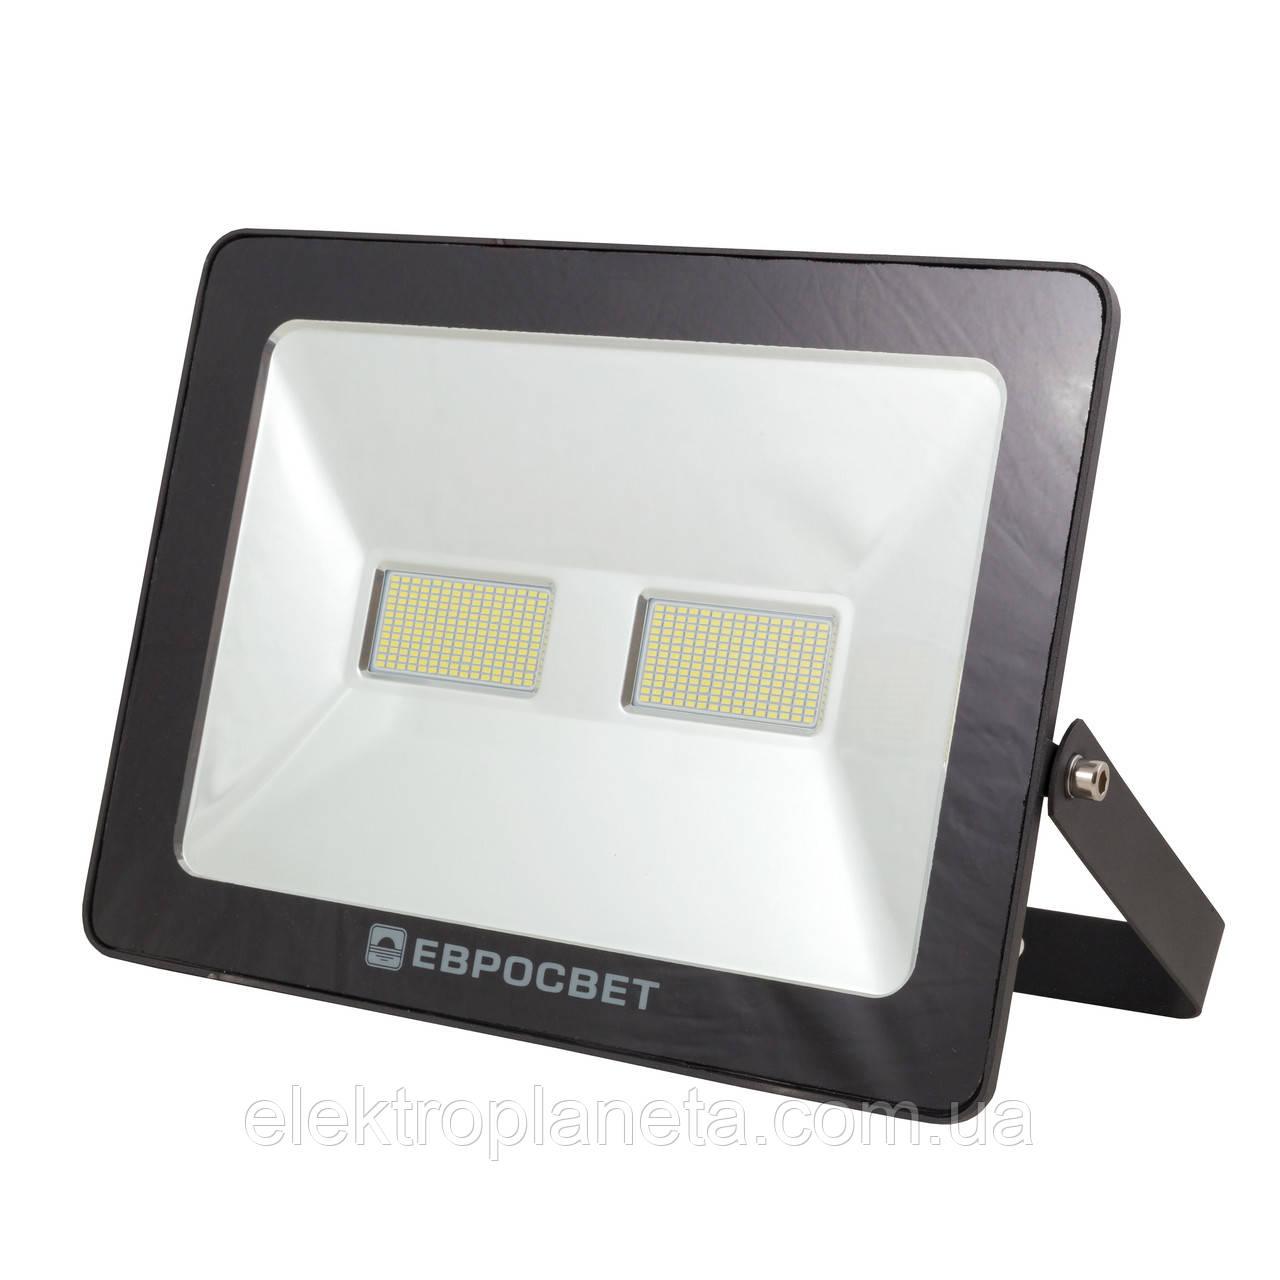 Прожектор світлодіодний EV-100-01 100W 180-260V 6400K 8000Lm SMD НМ